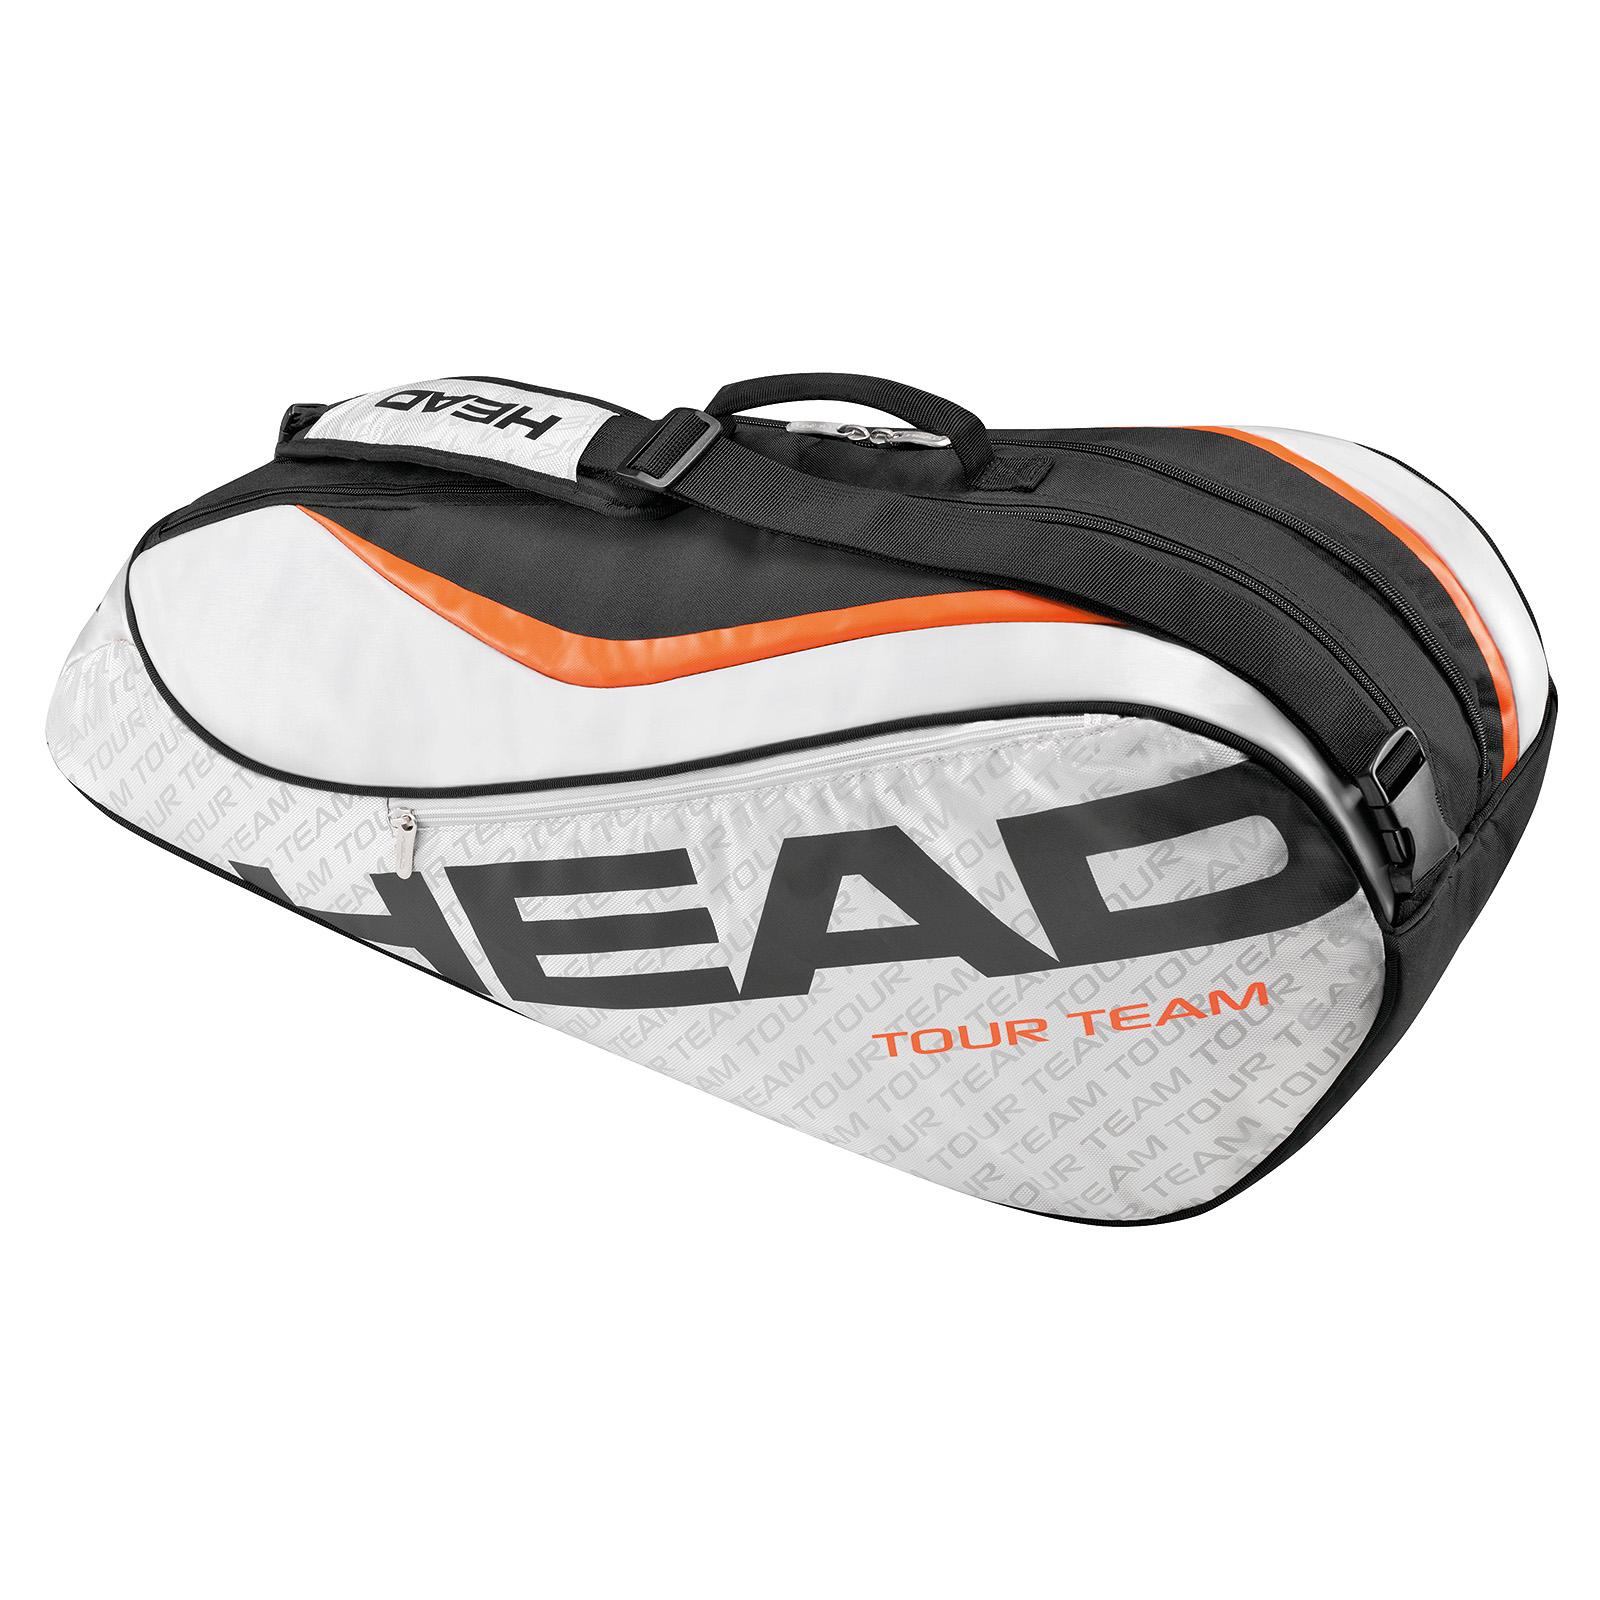 HEAD Tour Team Combi 6R silver/black